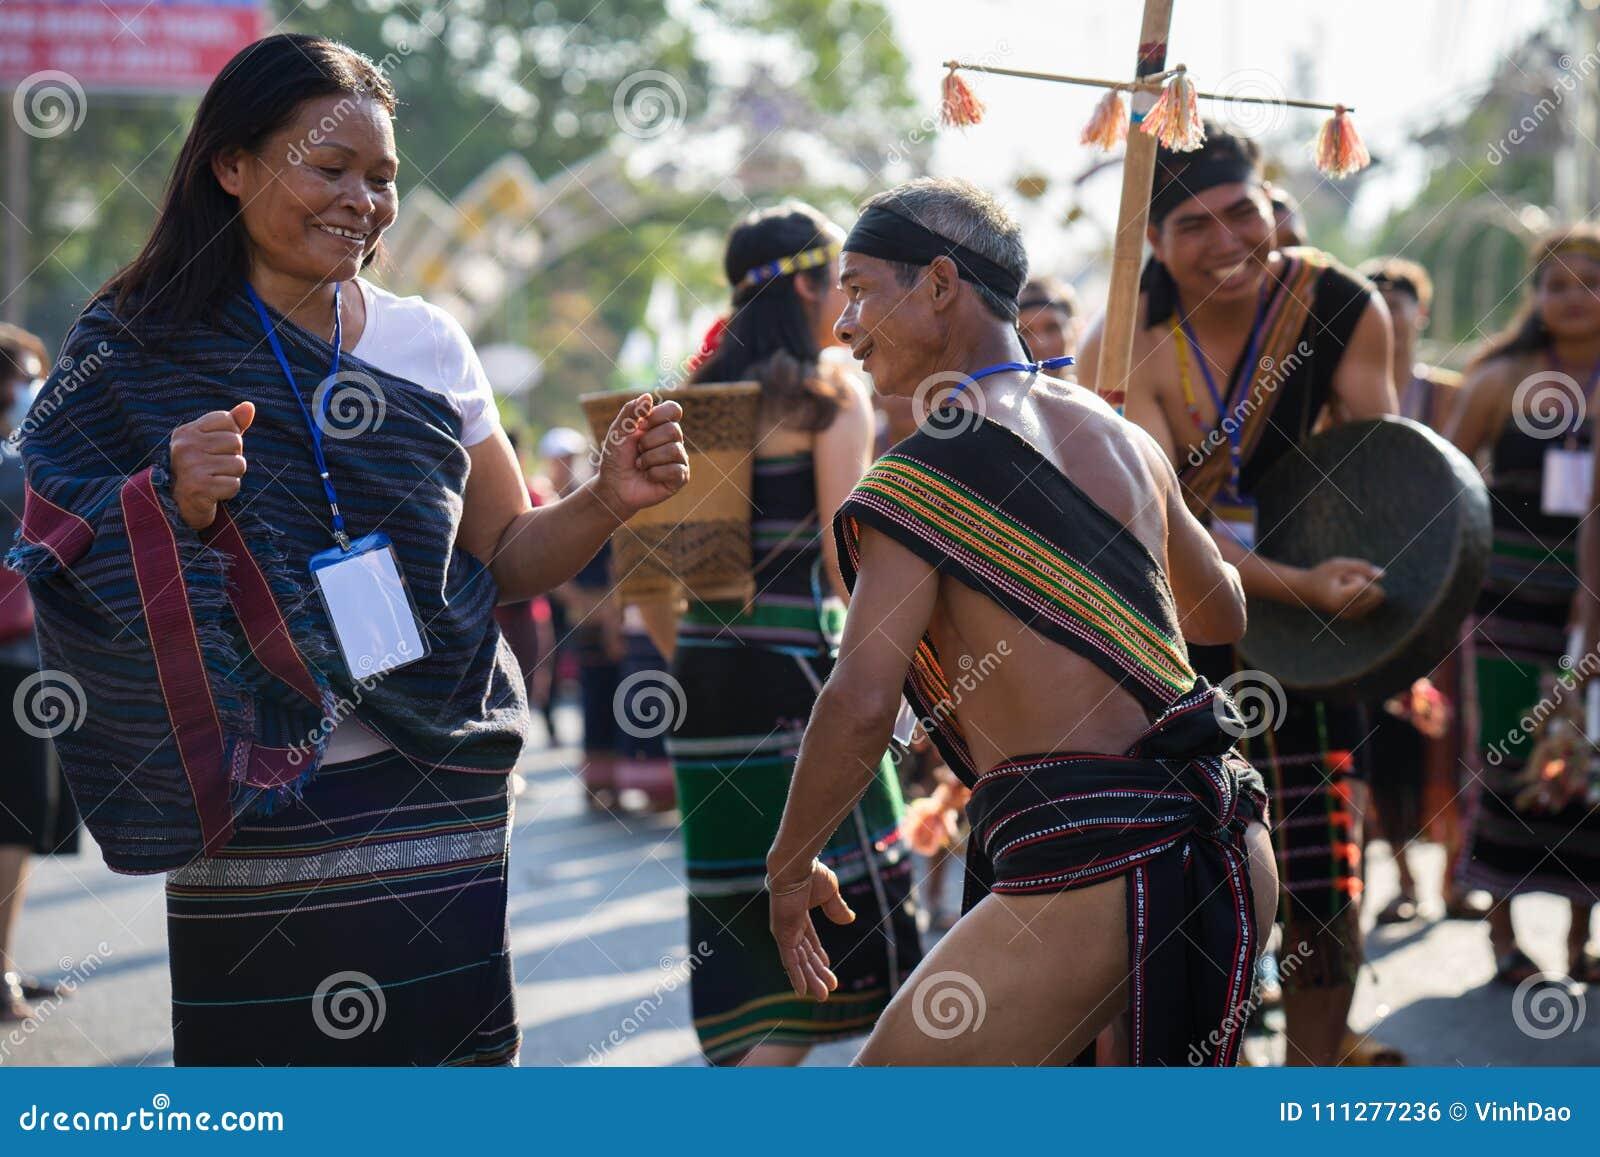 Daklak, Vietnam - 9. März 2017: Vietnamesische Leute der ethnischen Minderheit tragen die traditionellen Kostüme, die einen tradi